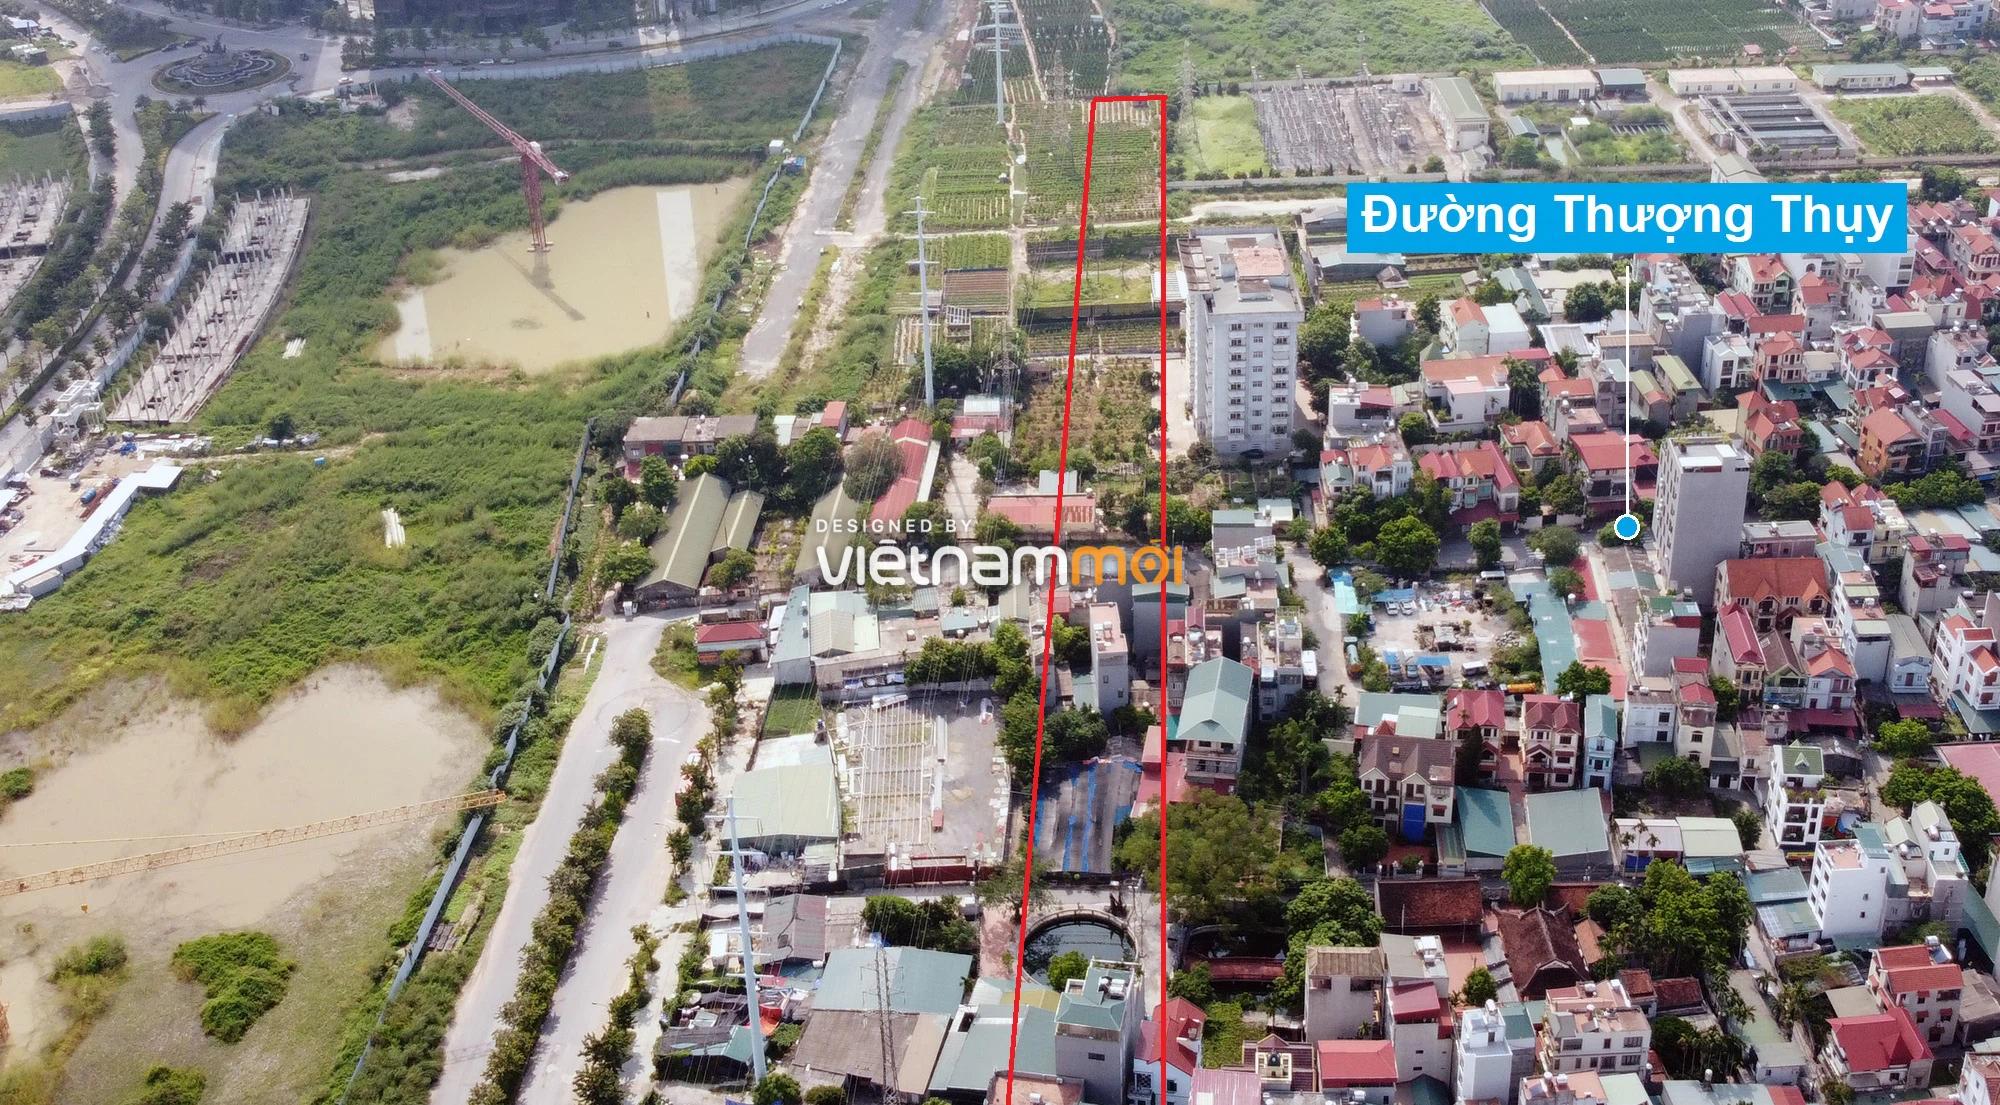 Những khu đất sắp thu hồi để mở đường ở quận Tây Hồ, Hà Nội (phần 3) - Ảnh 11.